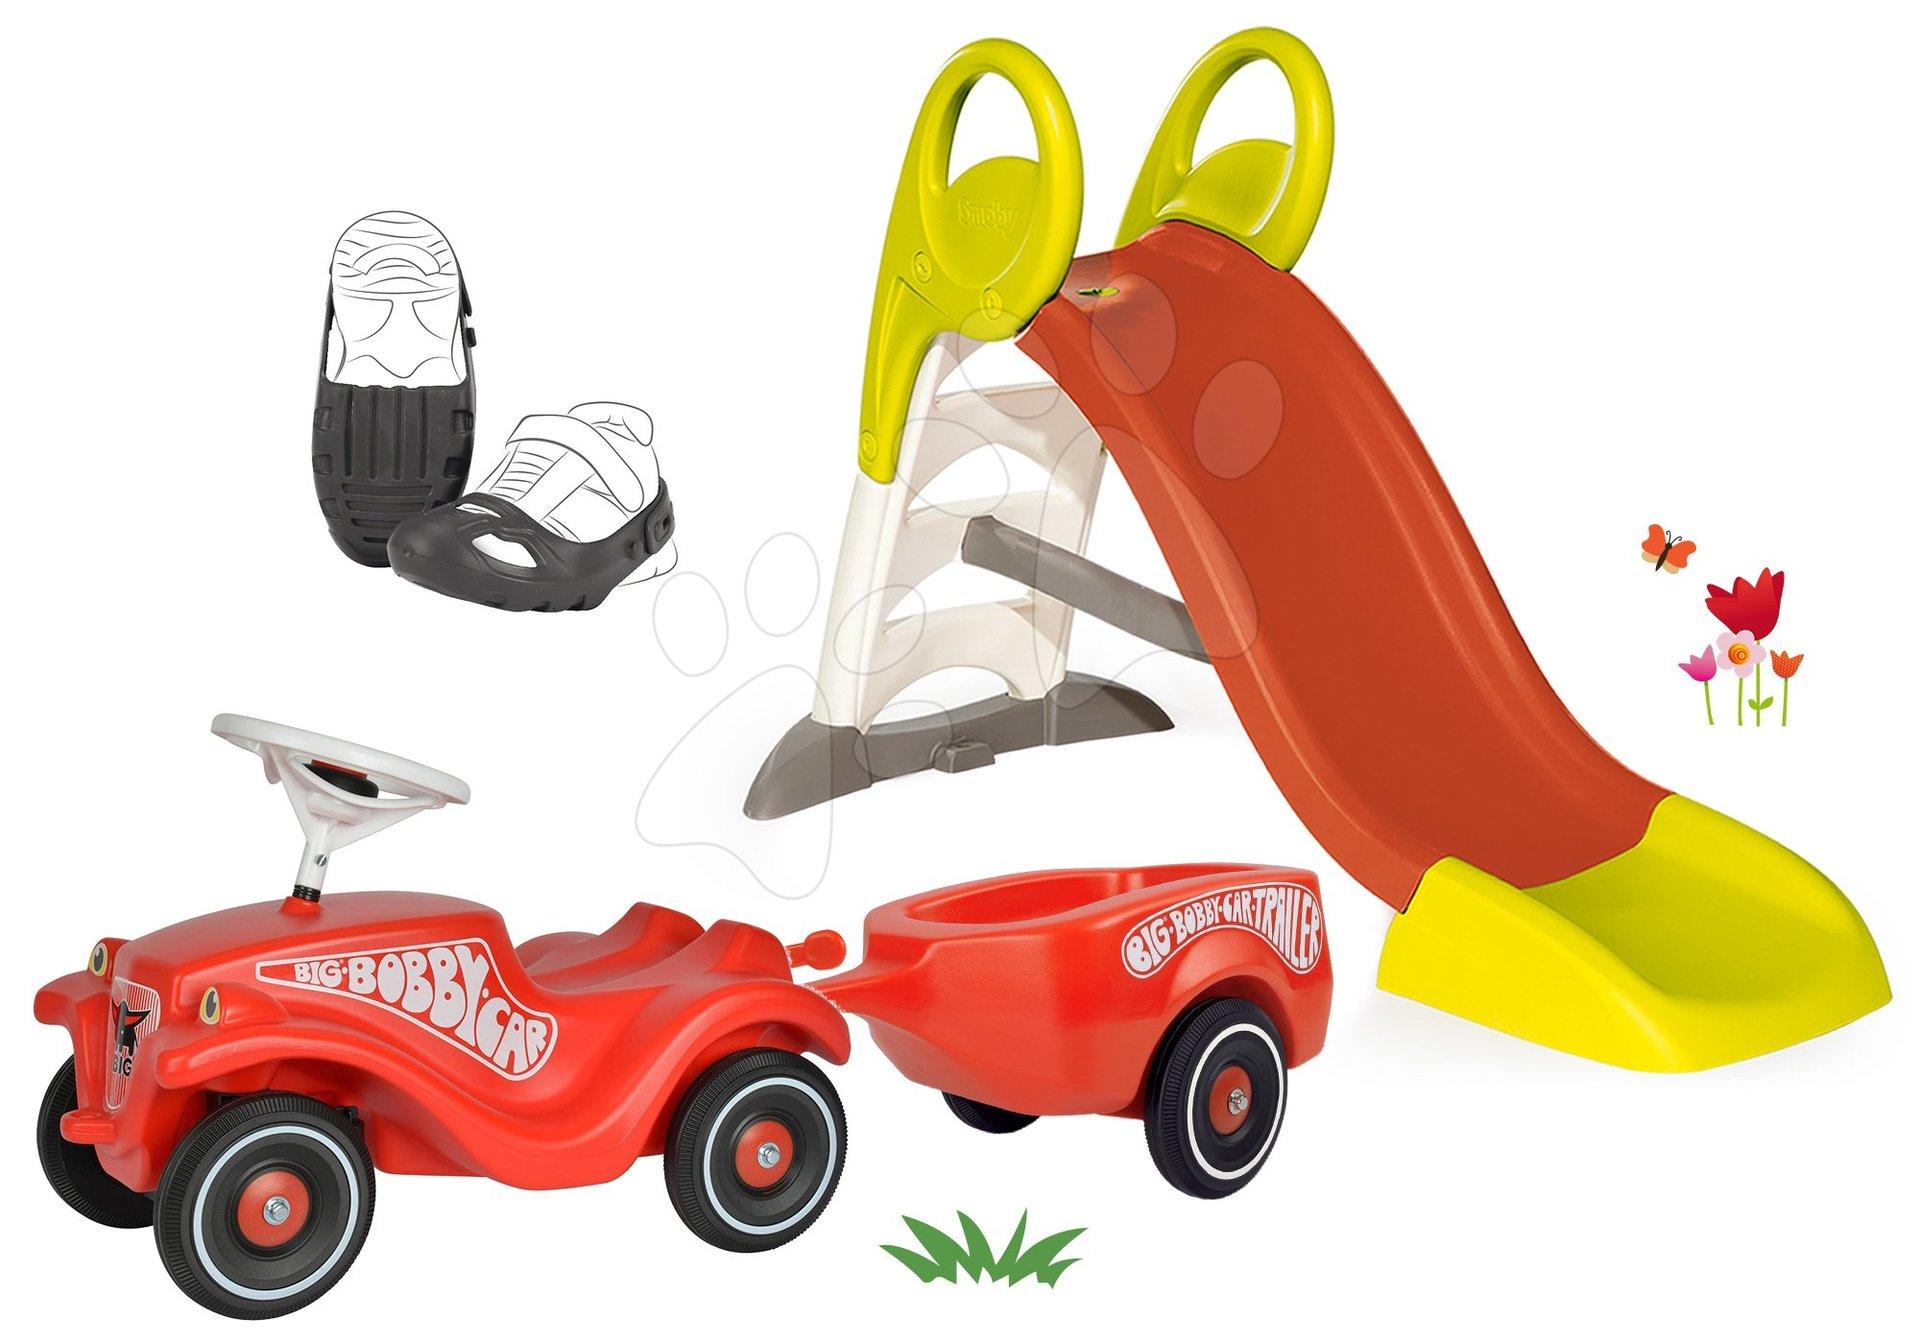 Smoby dětská skluzavka Toboggan KS a BIG odrážedlo New Bobby s návleky na boty 310262-13